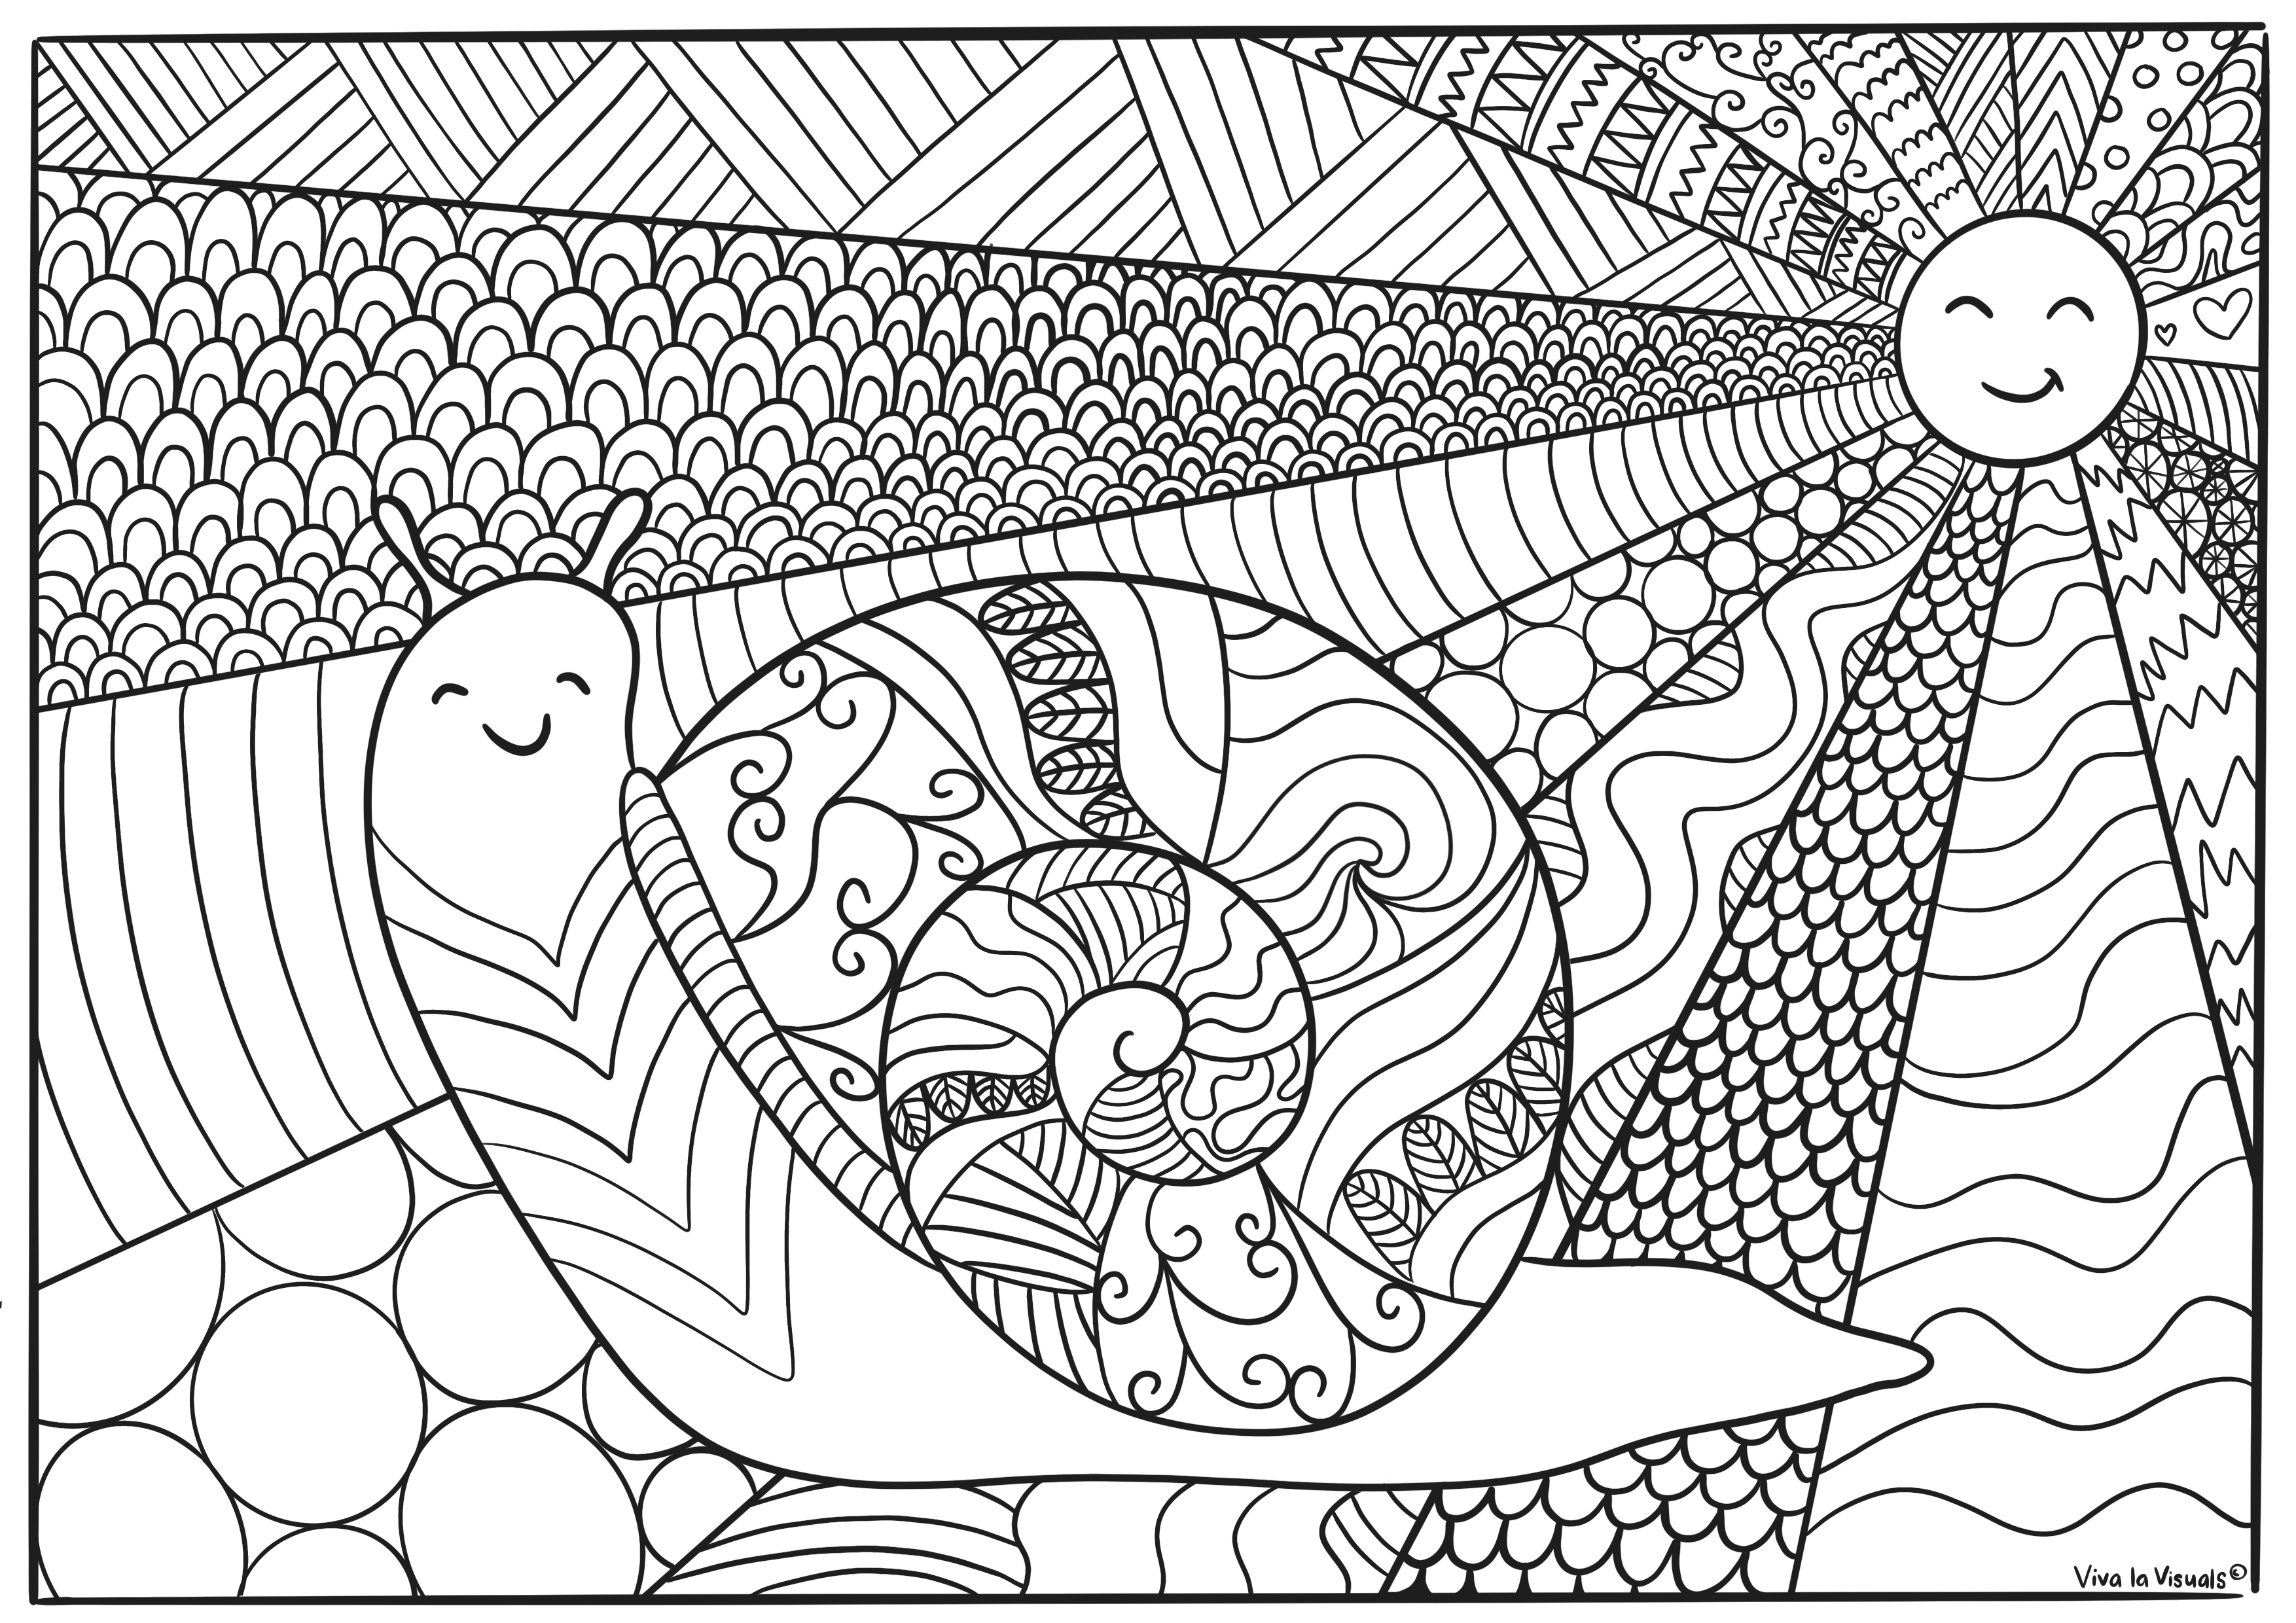 volwassen kleurplaat zomer slak doodles zakelijk tekenen